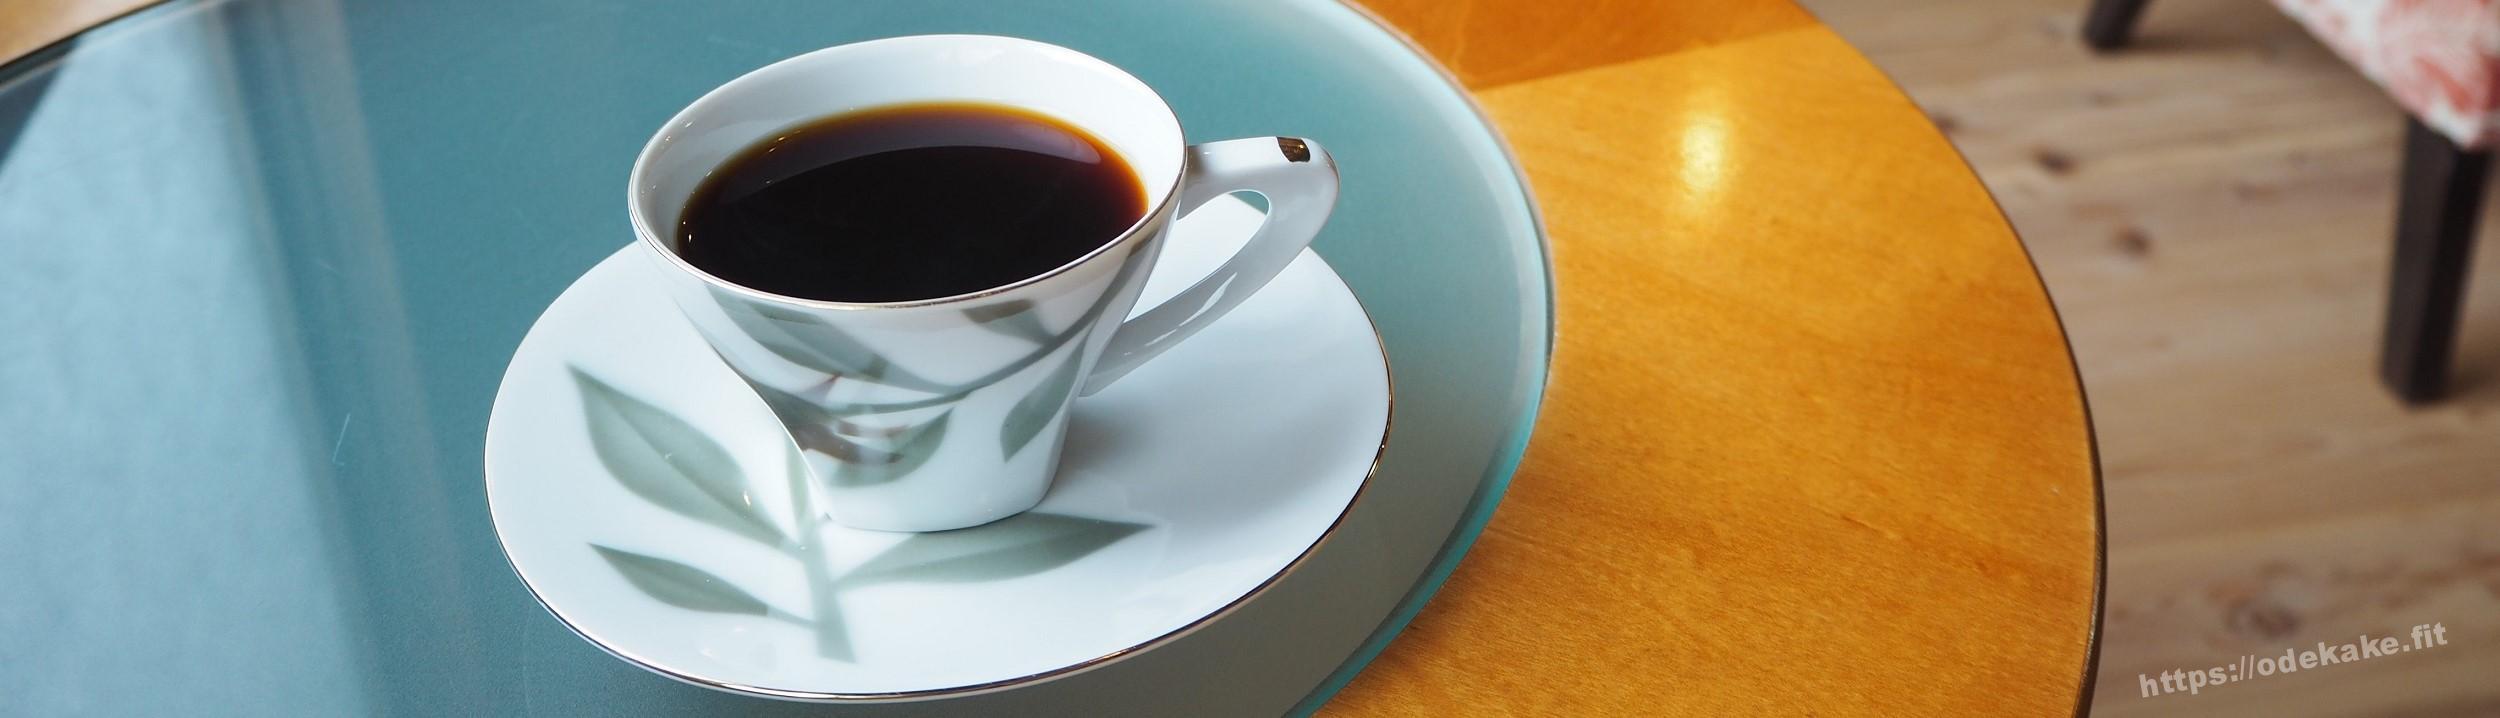 【佐渡】登録有形文化財「喜八屋ゴローカフェ」でまったりコーヒー♪